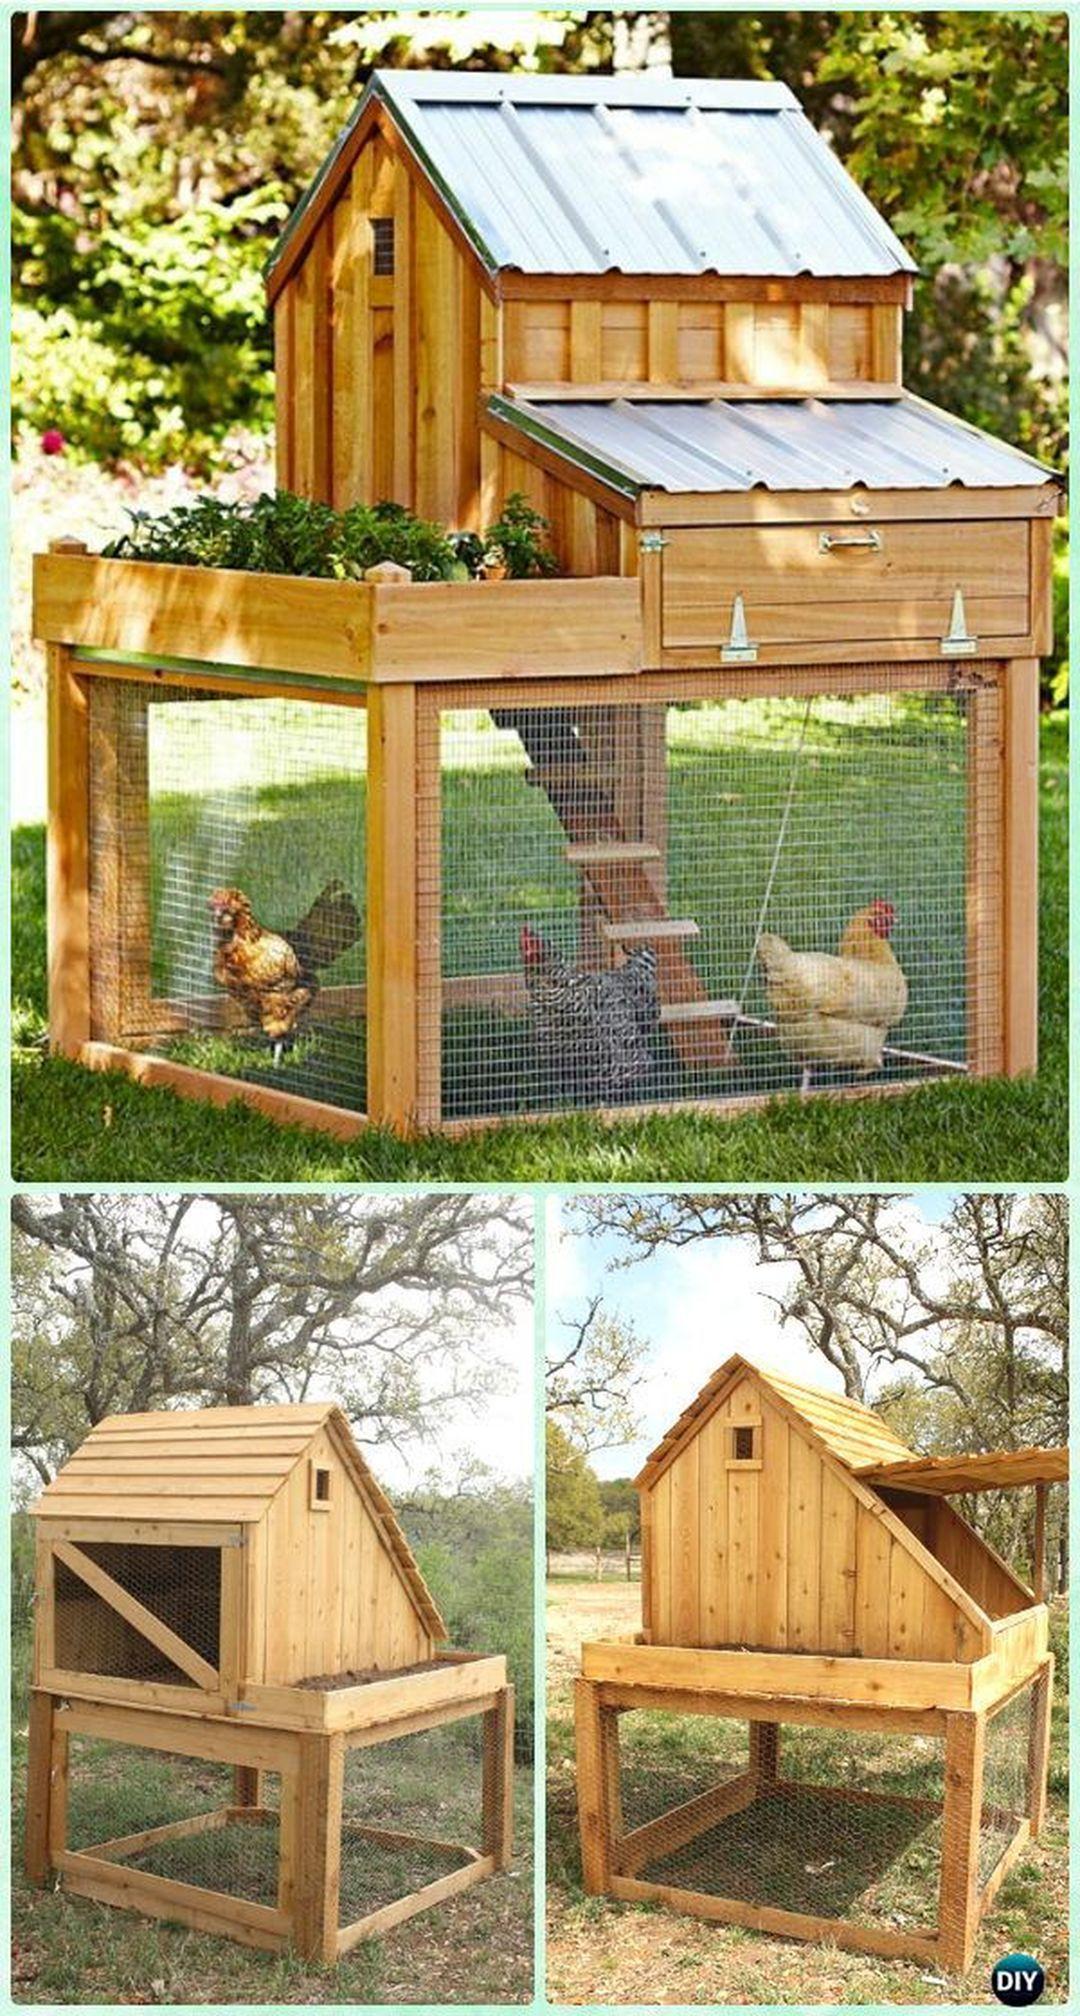 25 Attractive Low Budget Diy Chicken Coop Design Ideas Decor It S Diy Chicken Coop Plans Diy Chicken Coop Small Chicken Coops Small backyard chicken coop designs